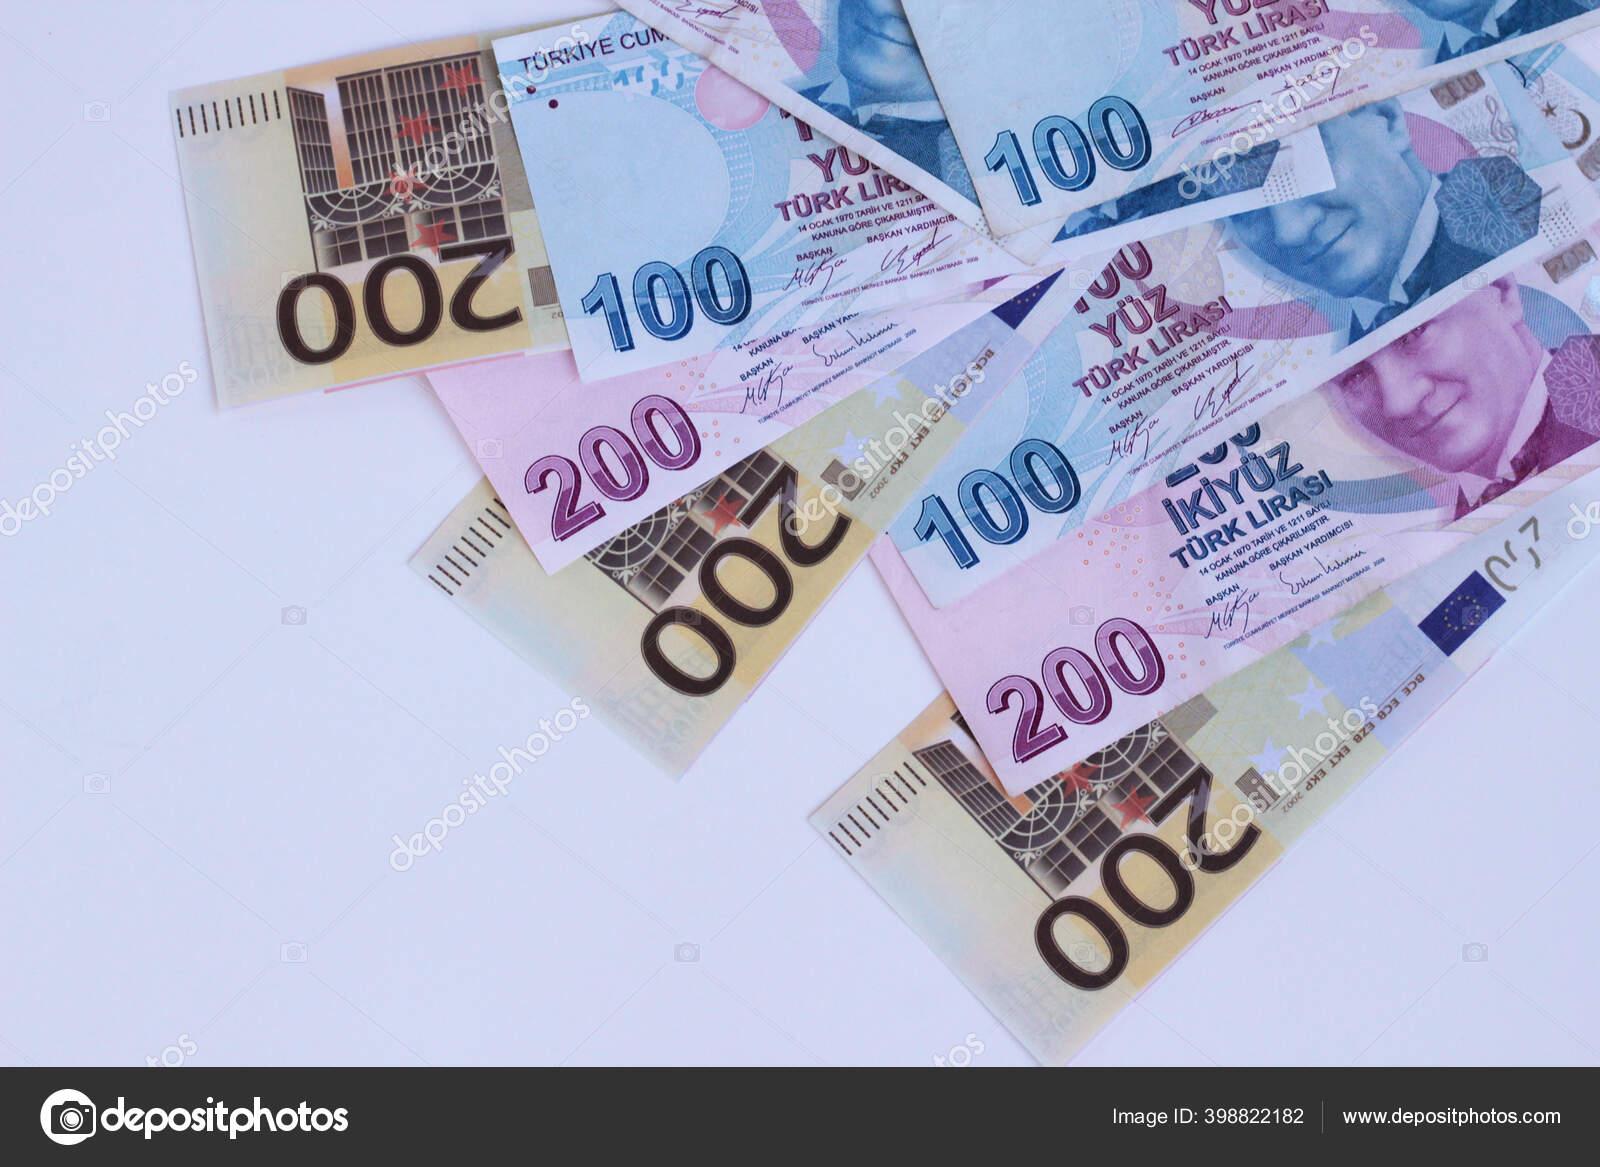 всегда могли евро фото купюр всех достоинств собраны фотографии